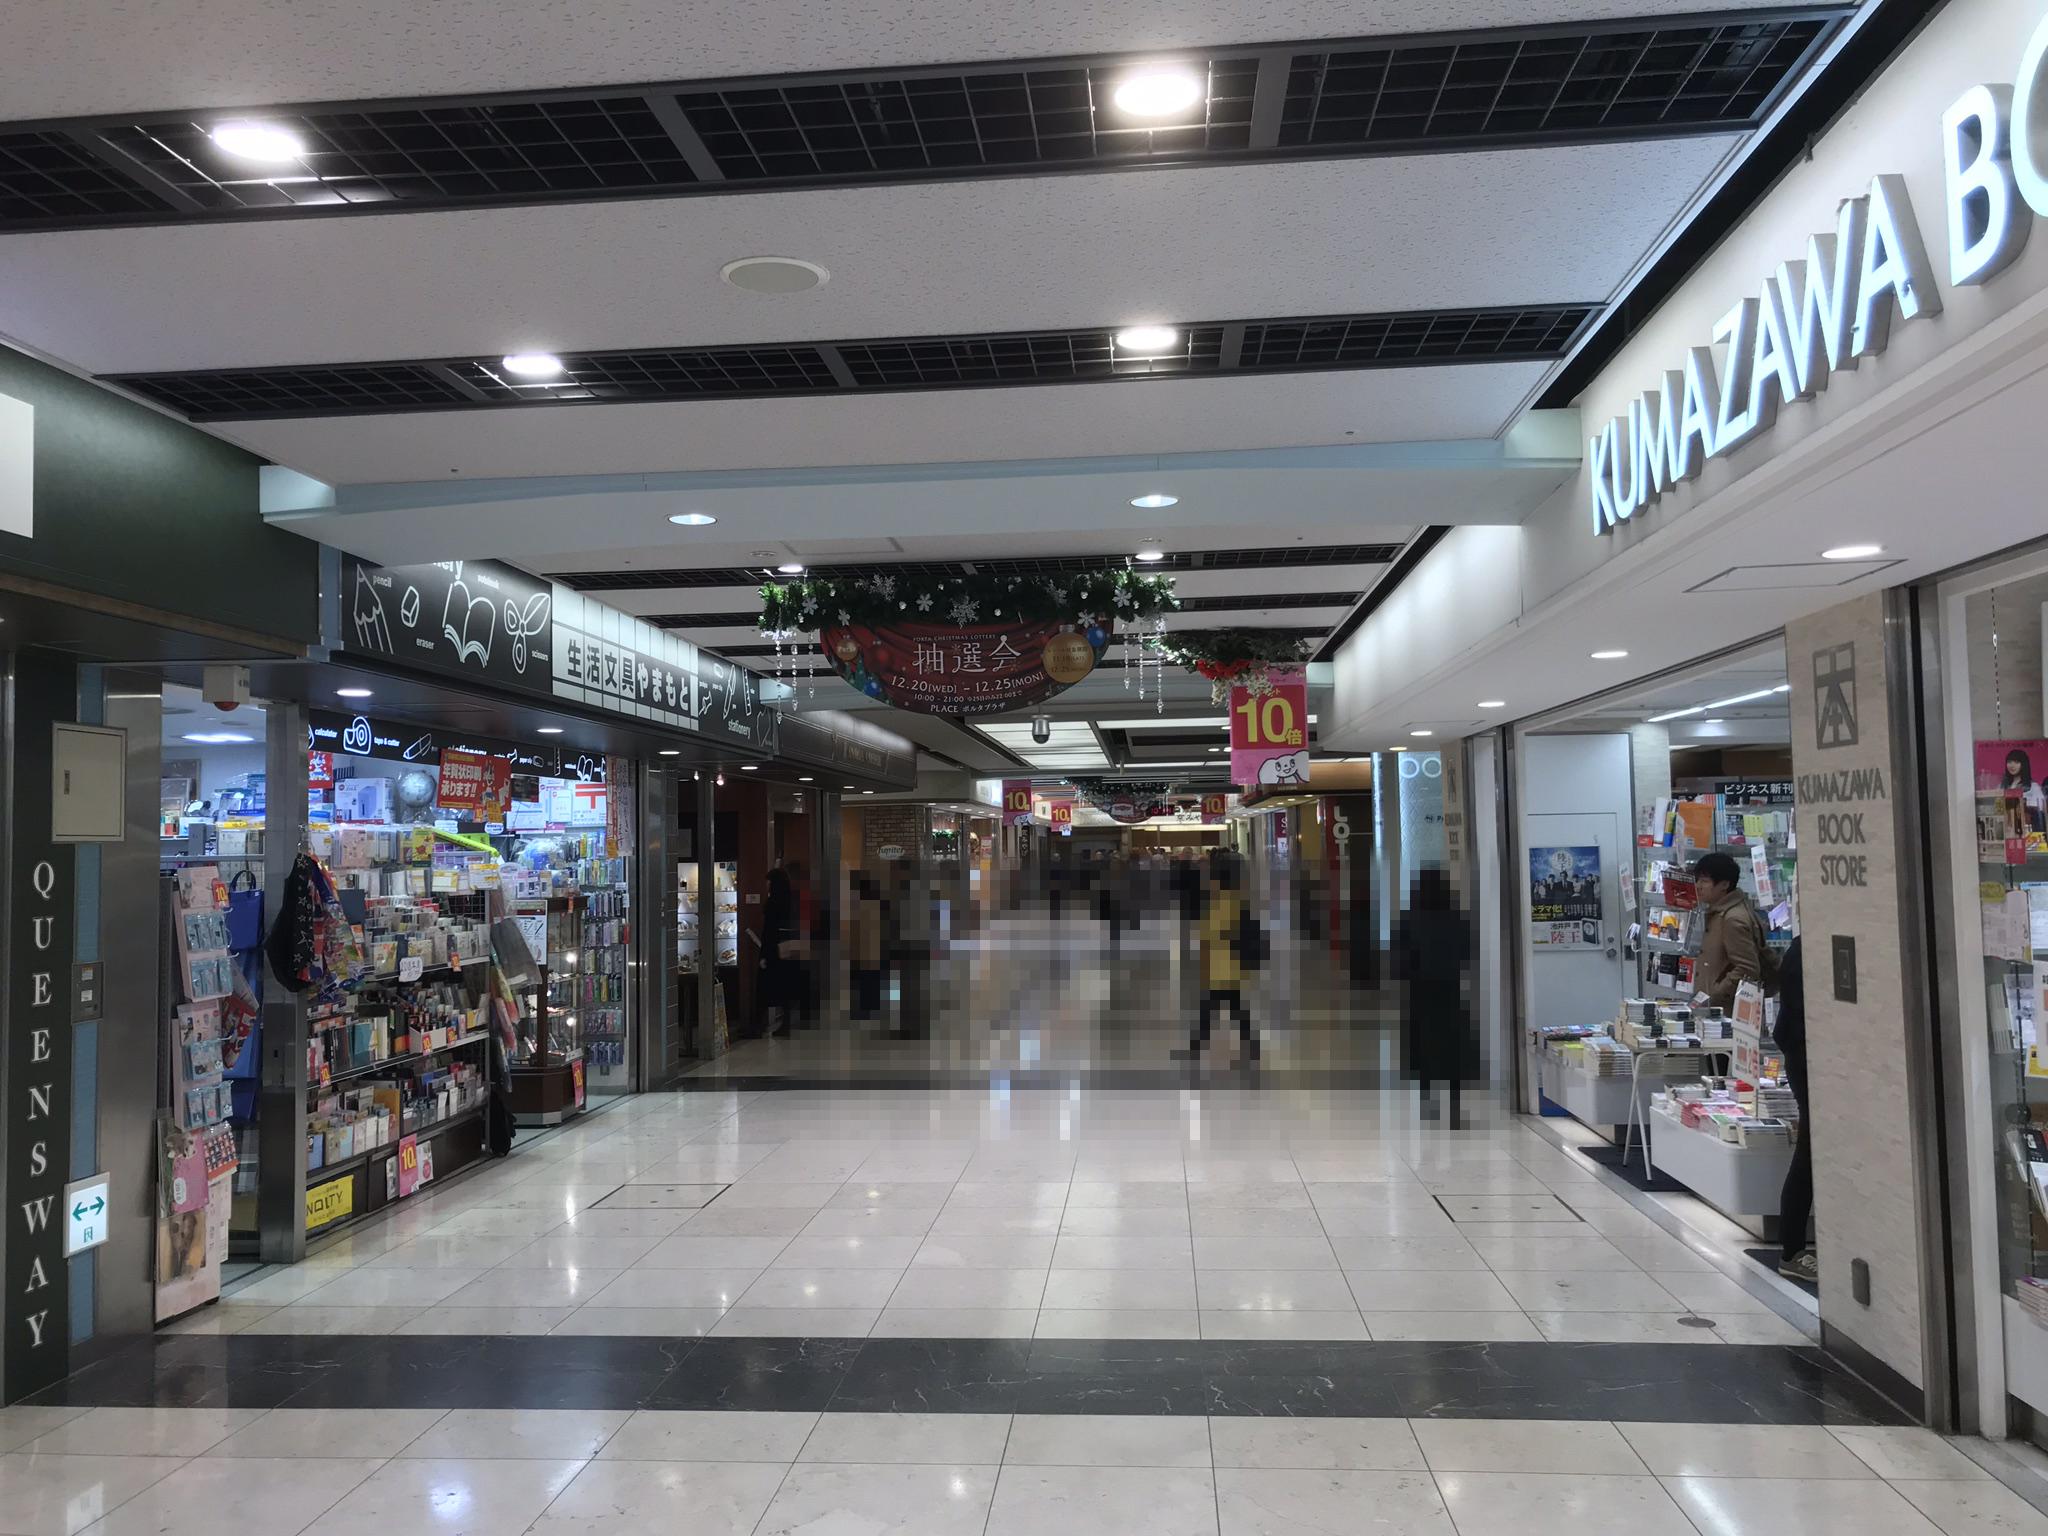 京都駅ビル『地下街ポルタ』来年から改装!!